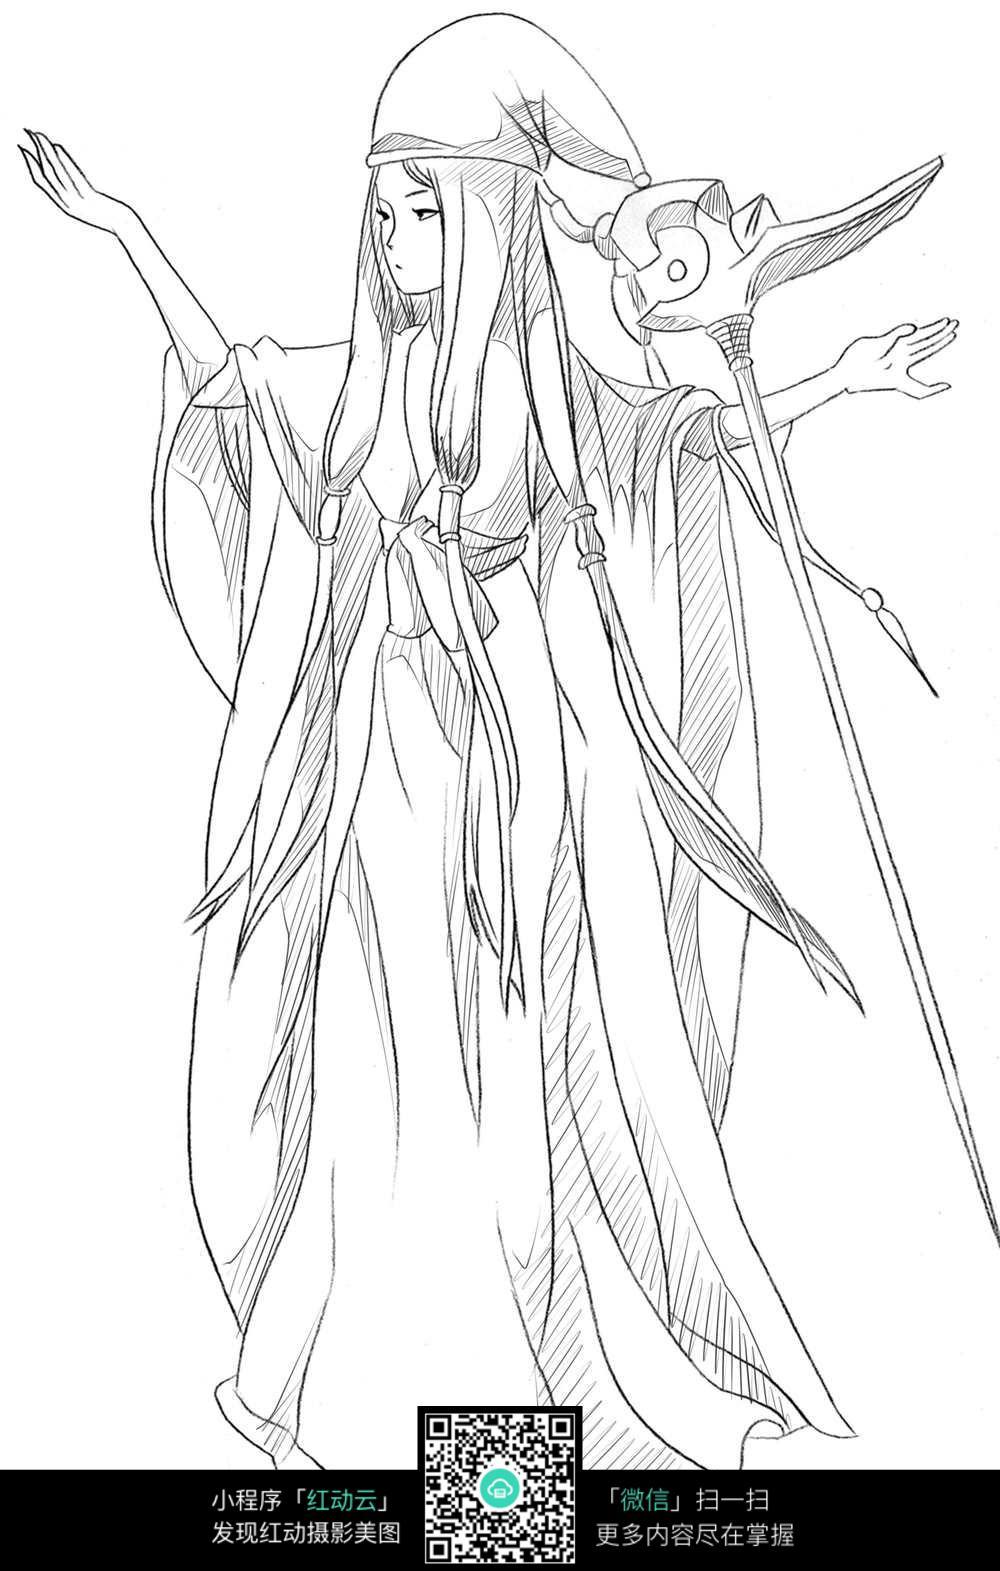 女巫卡通手绘